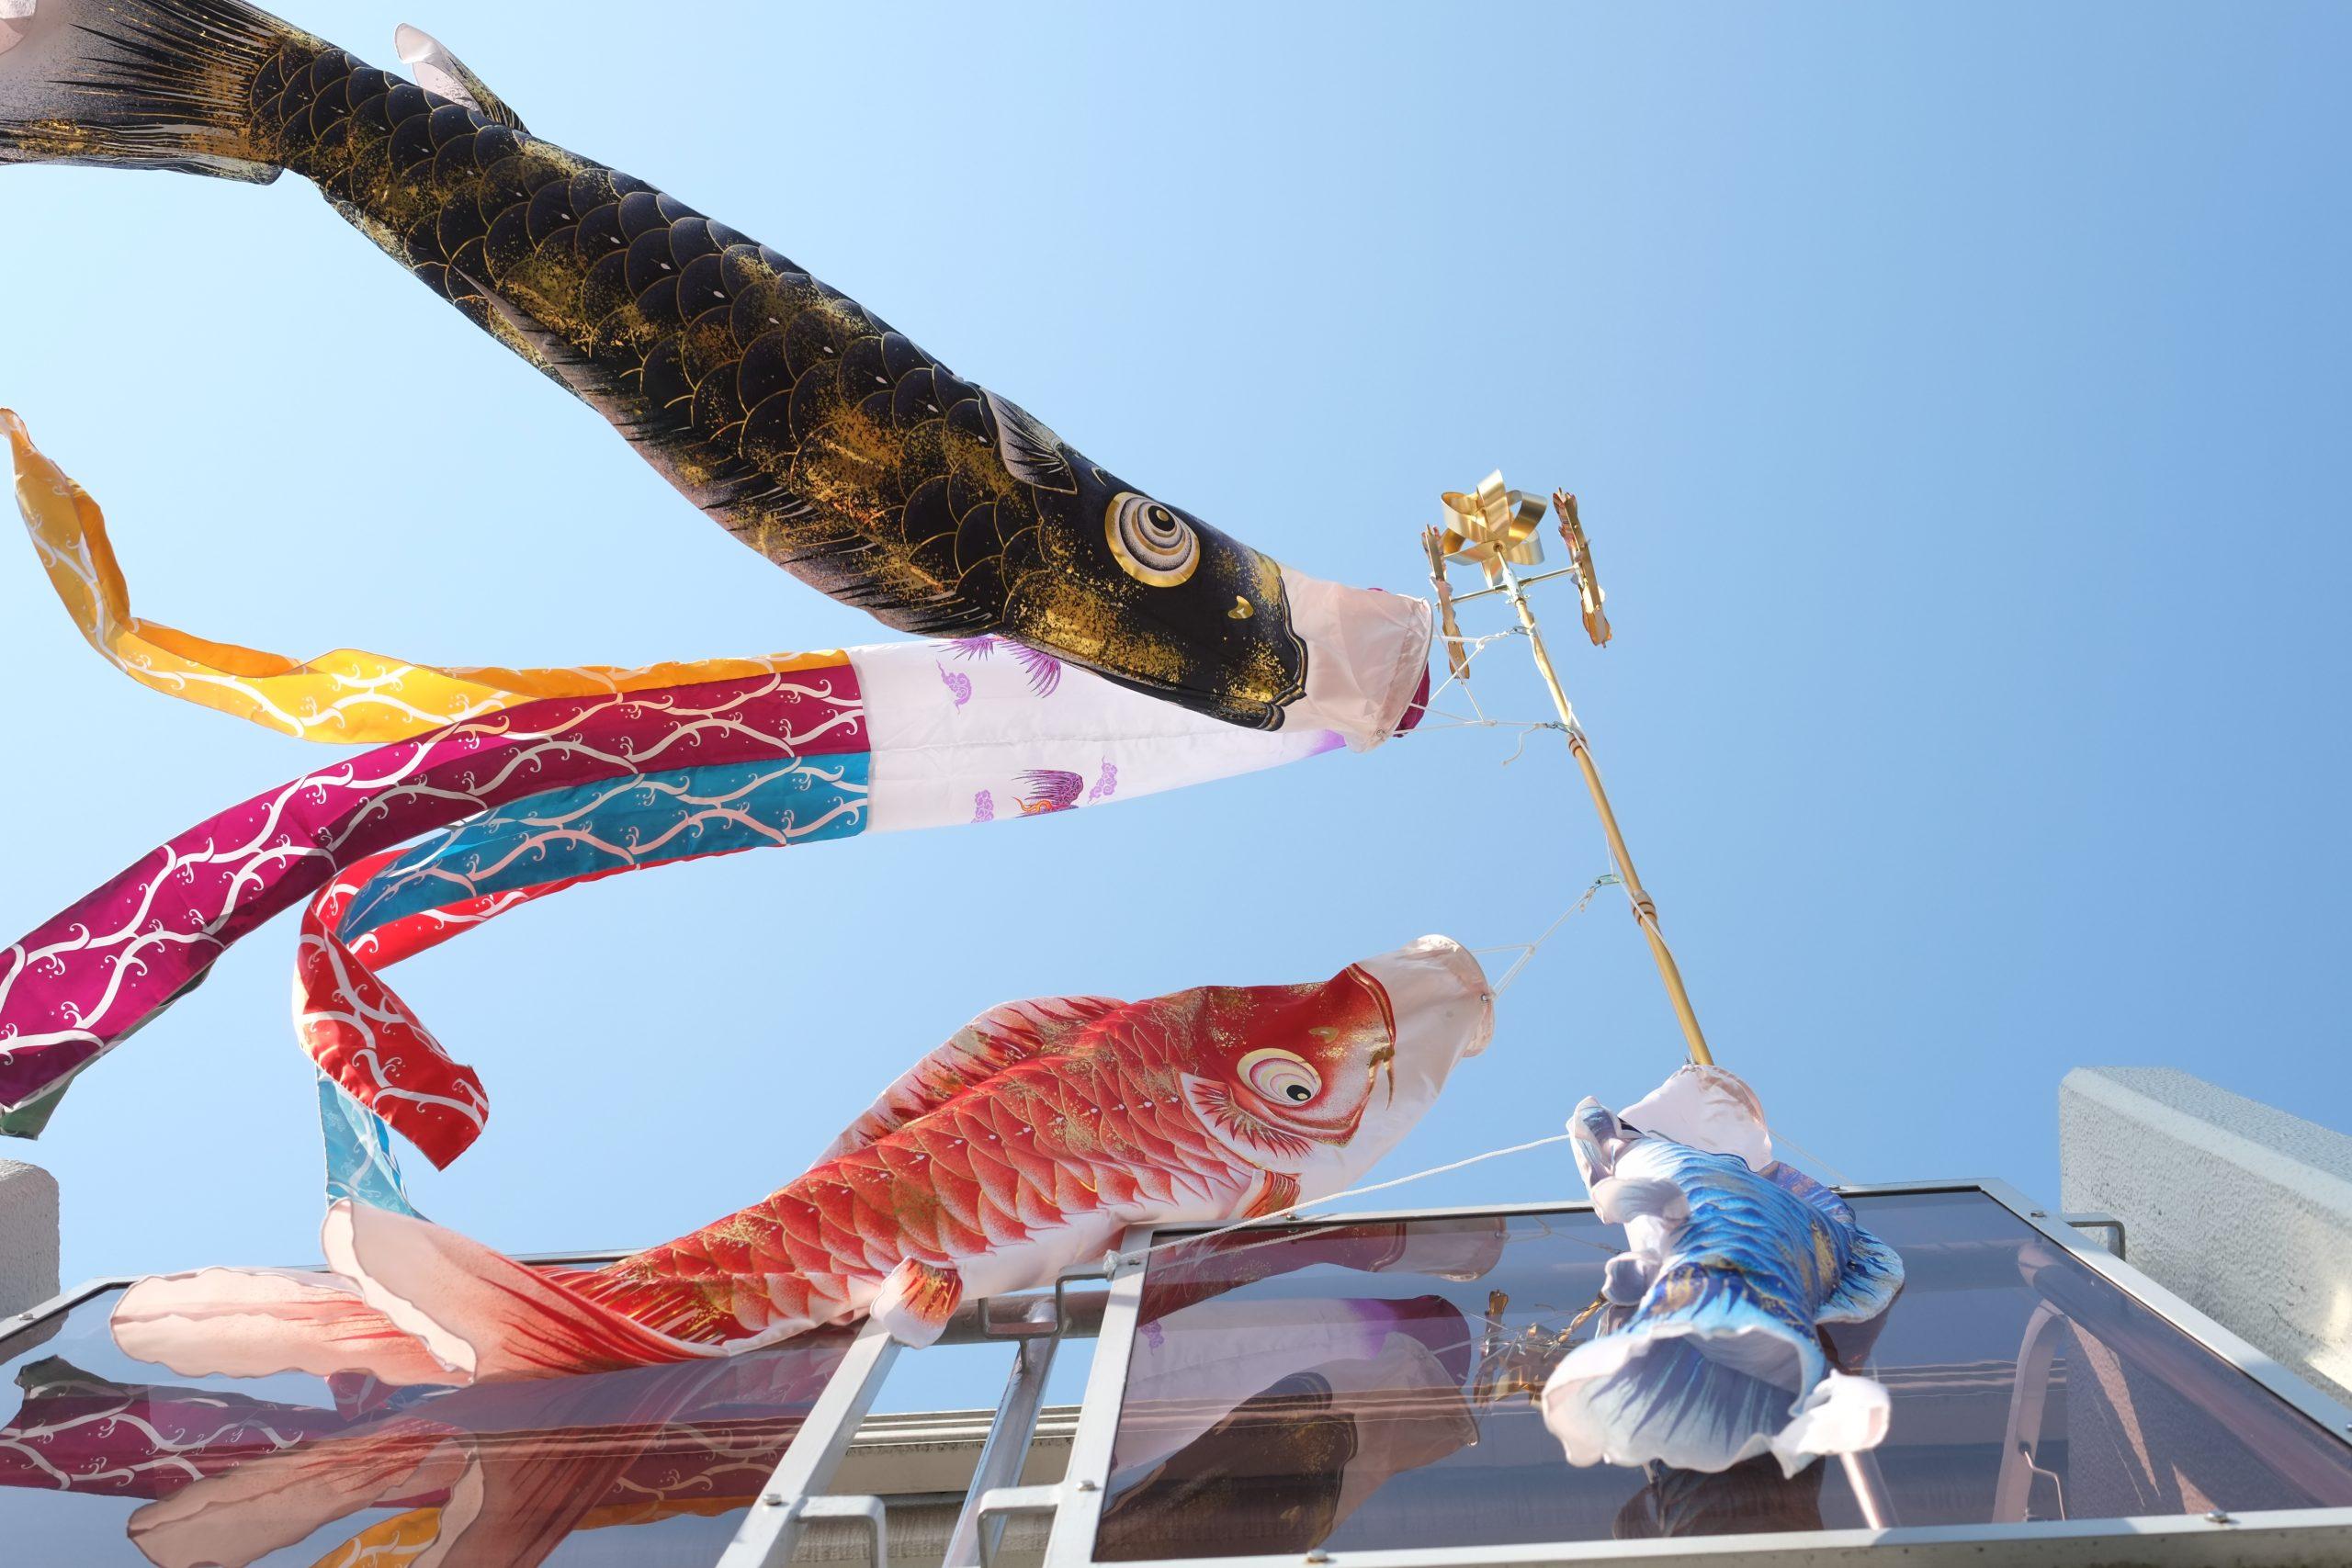 【マイストックフォト】 鯉のぼりの季節